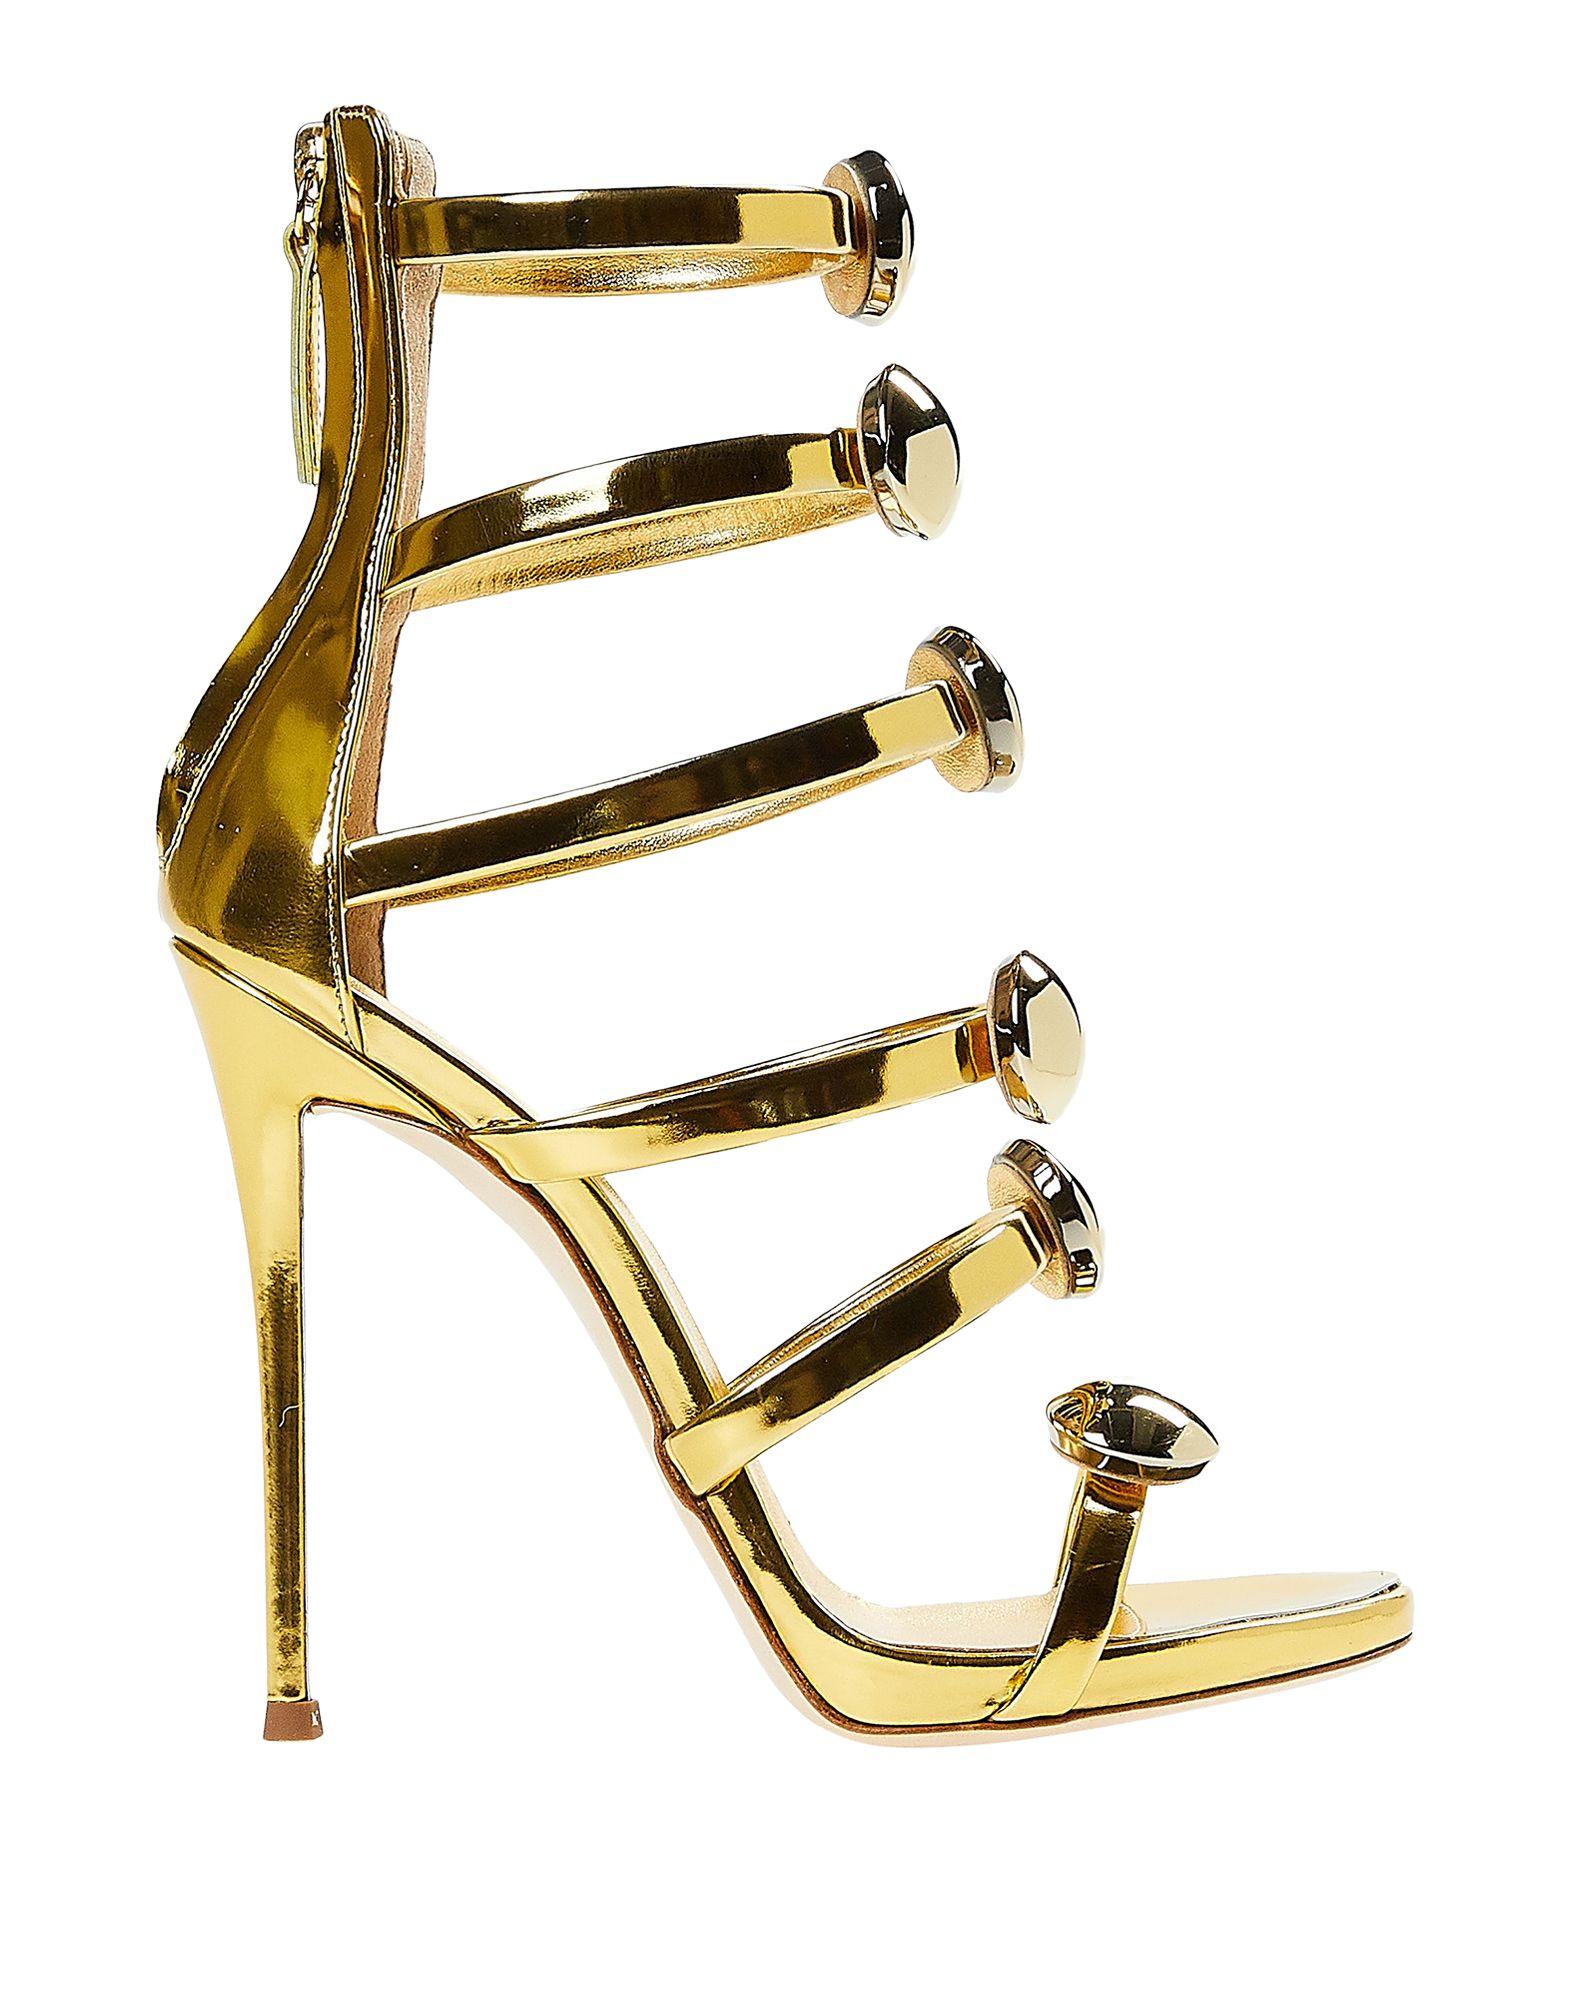 Giuseppe Zanotti Sandals In Gold   ModeSens